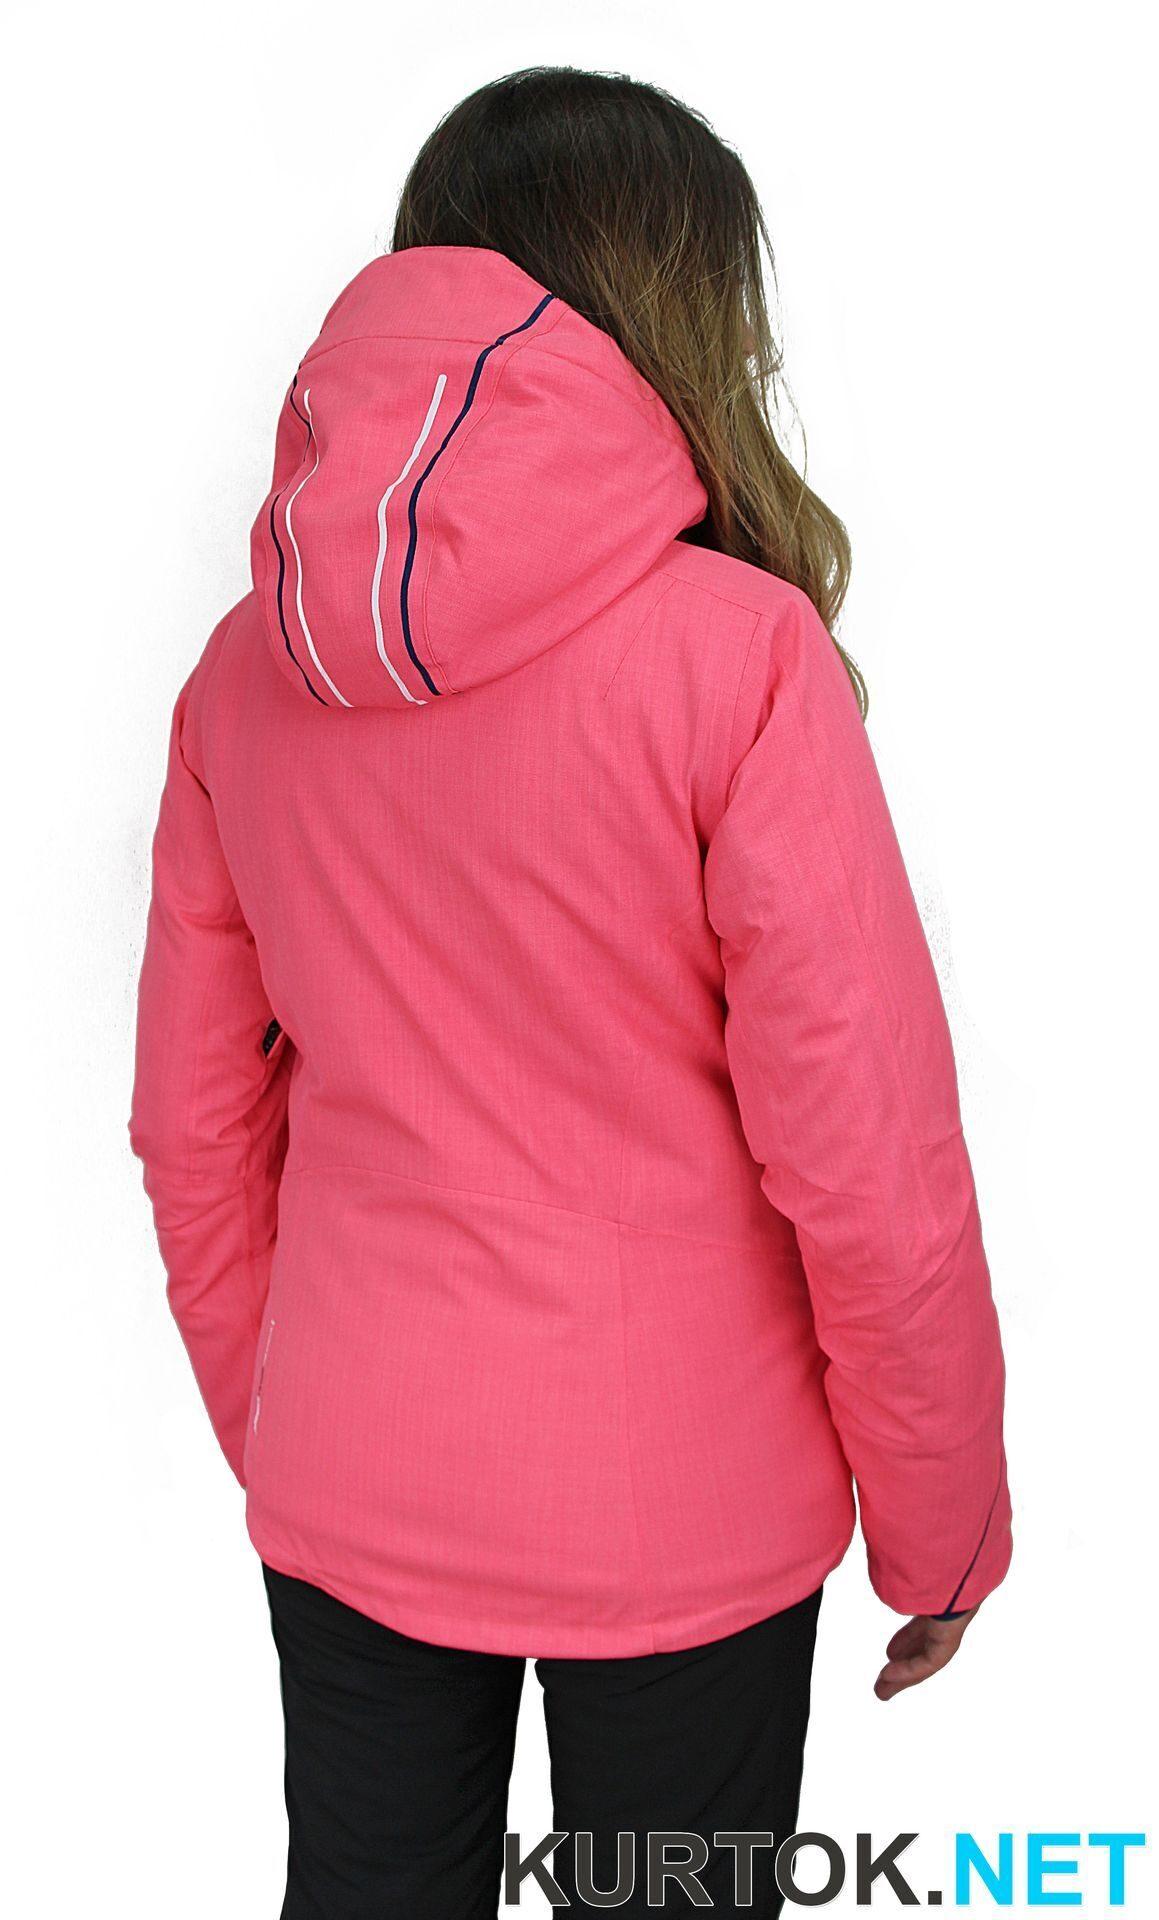 d51f87fcf1c2 Куртка горнолыжная женская (розовая) Snow Headquarter 7990руб ...